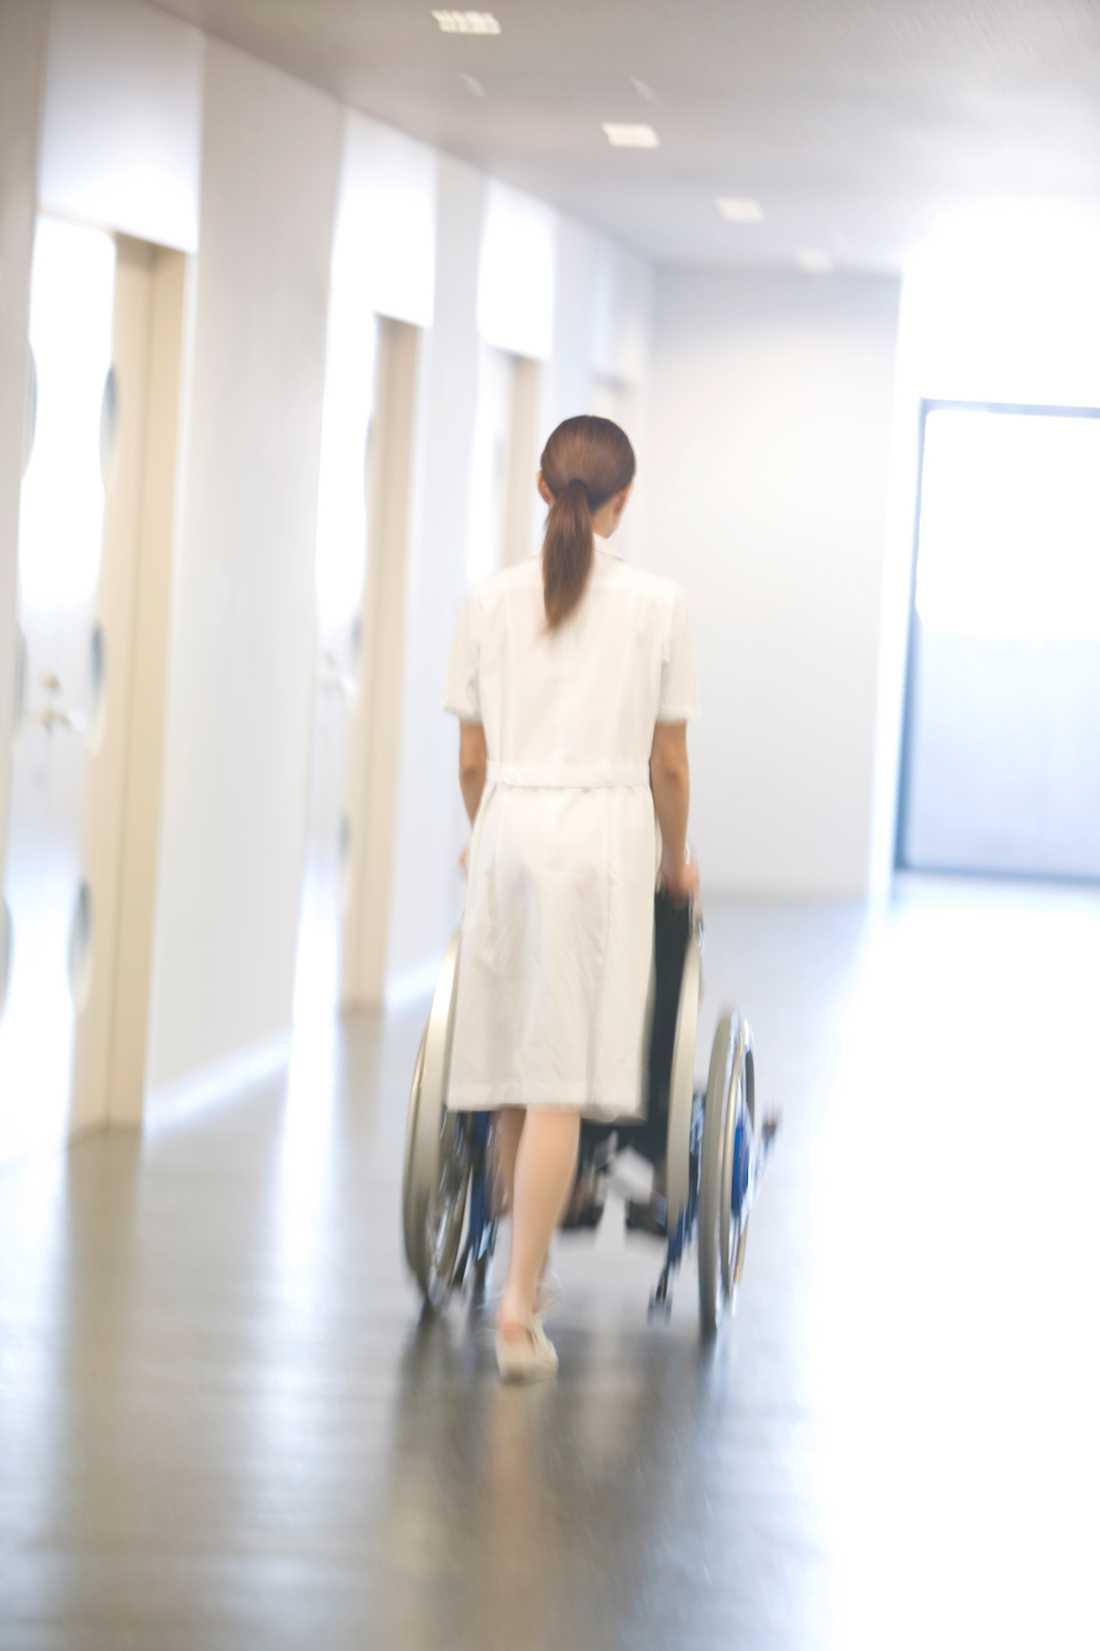 Har en undersköterska ansträngt sig mindre?